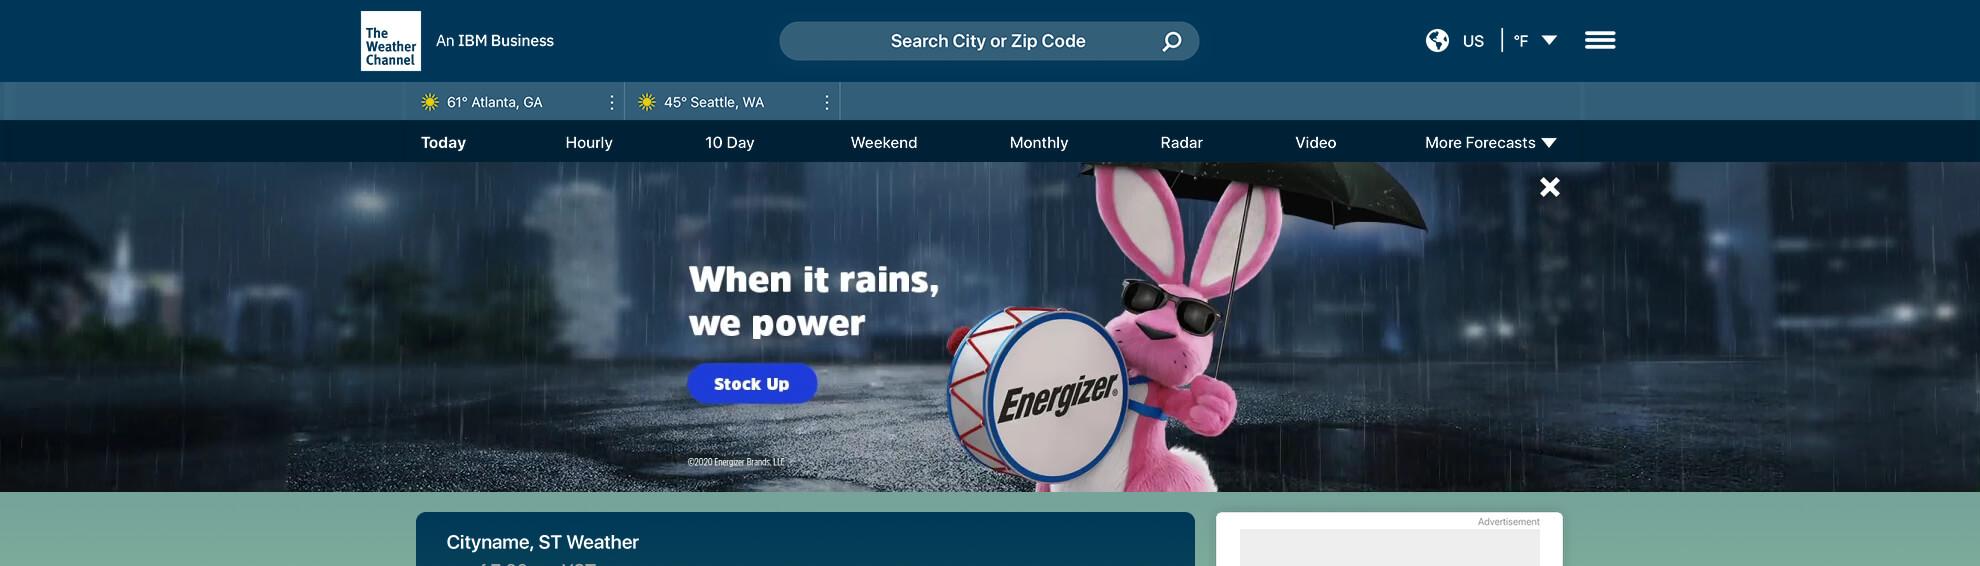 energizer-lwim-rainy-night